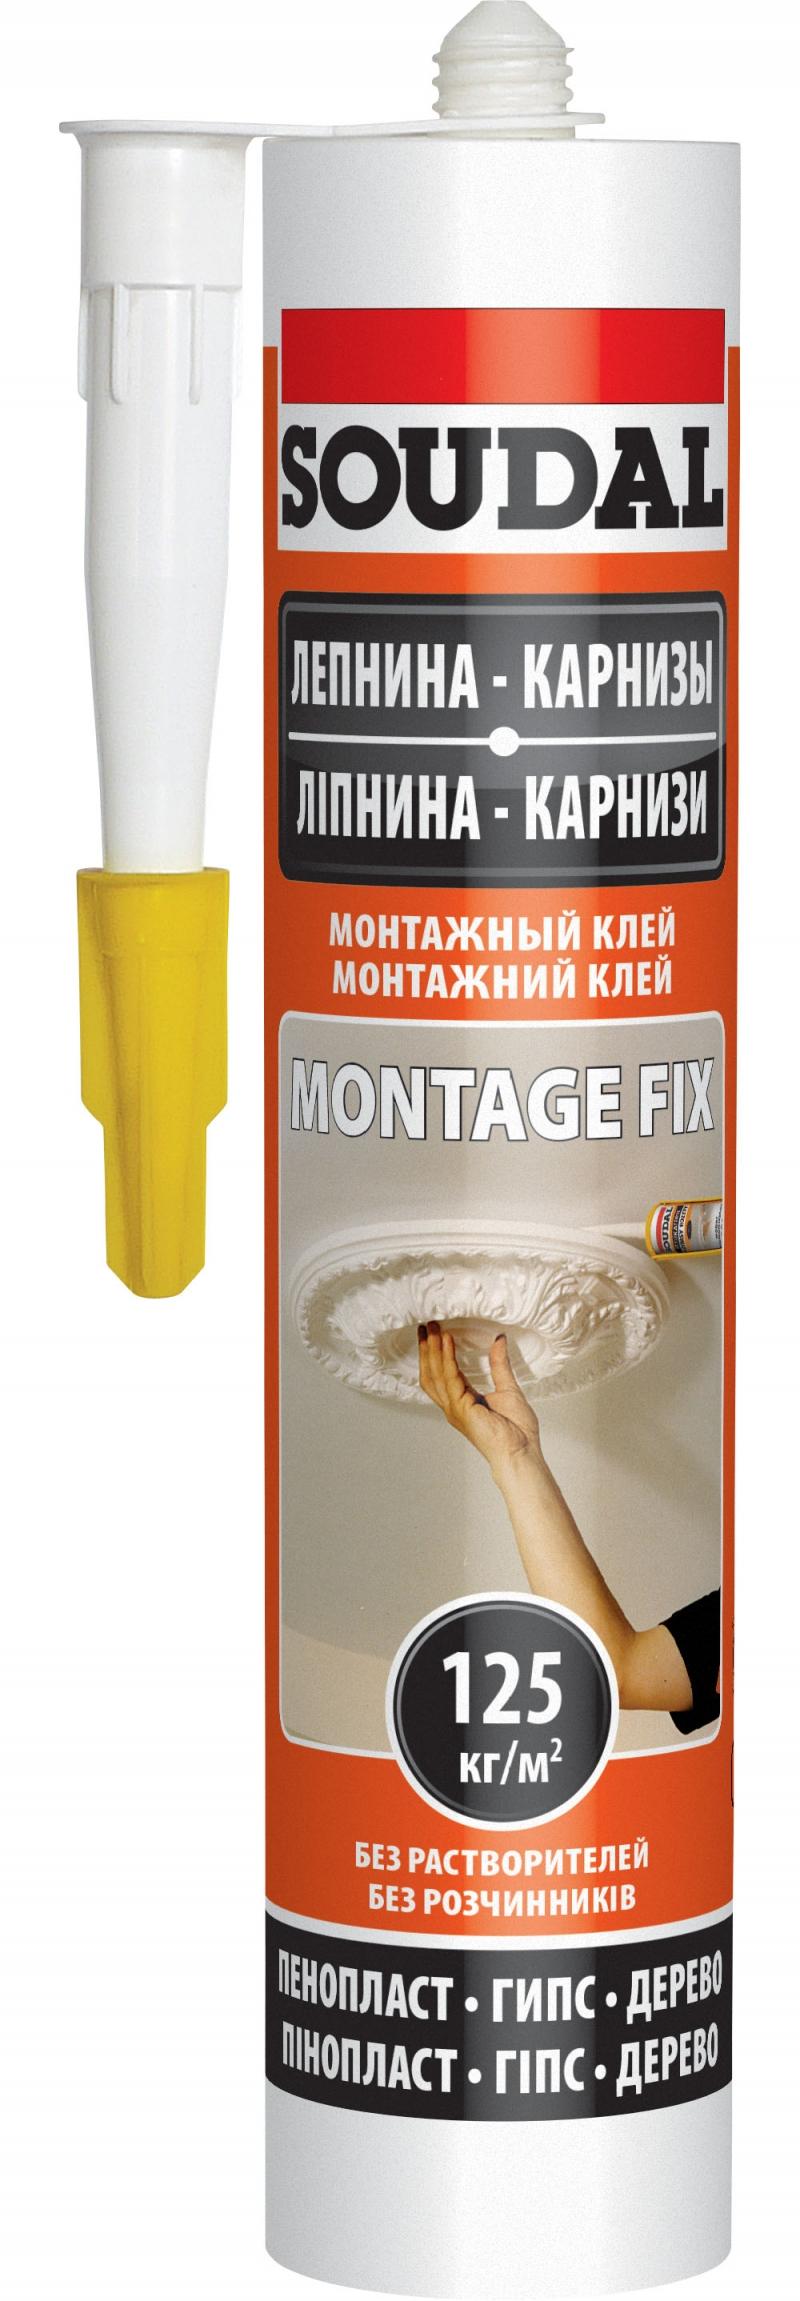 Монтажный клей для пазогребневых плит - 7bf5